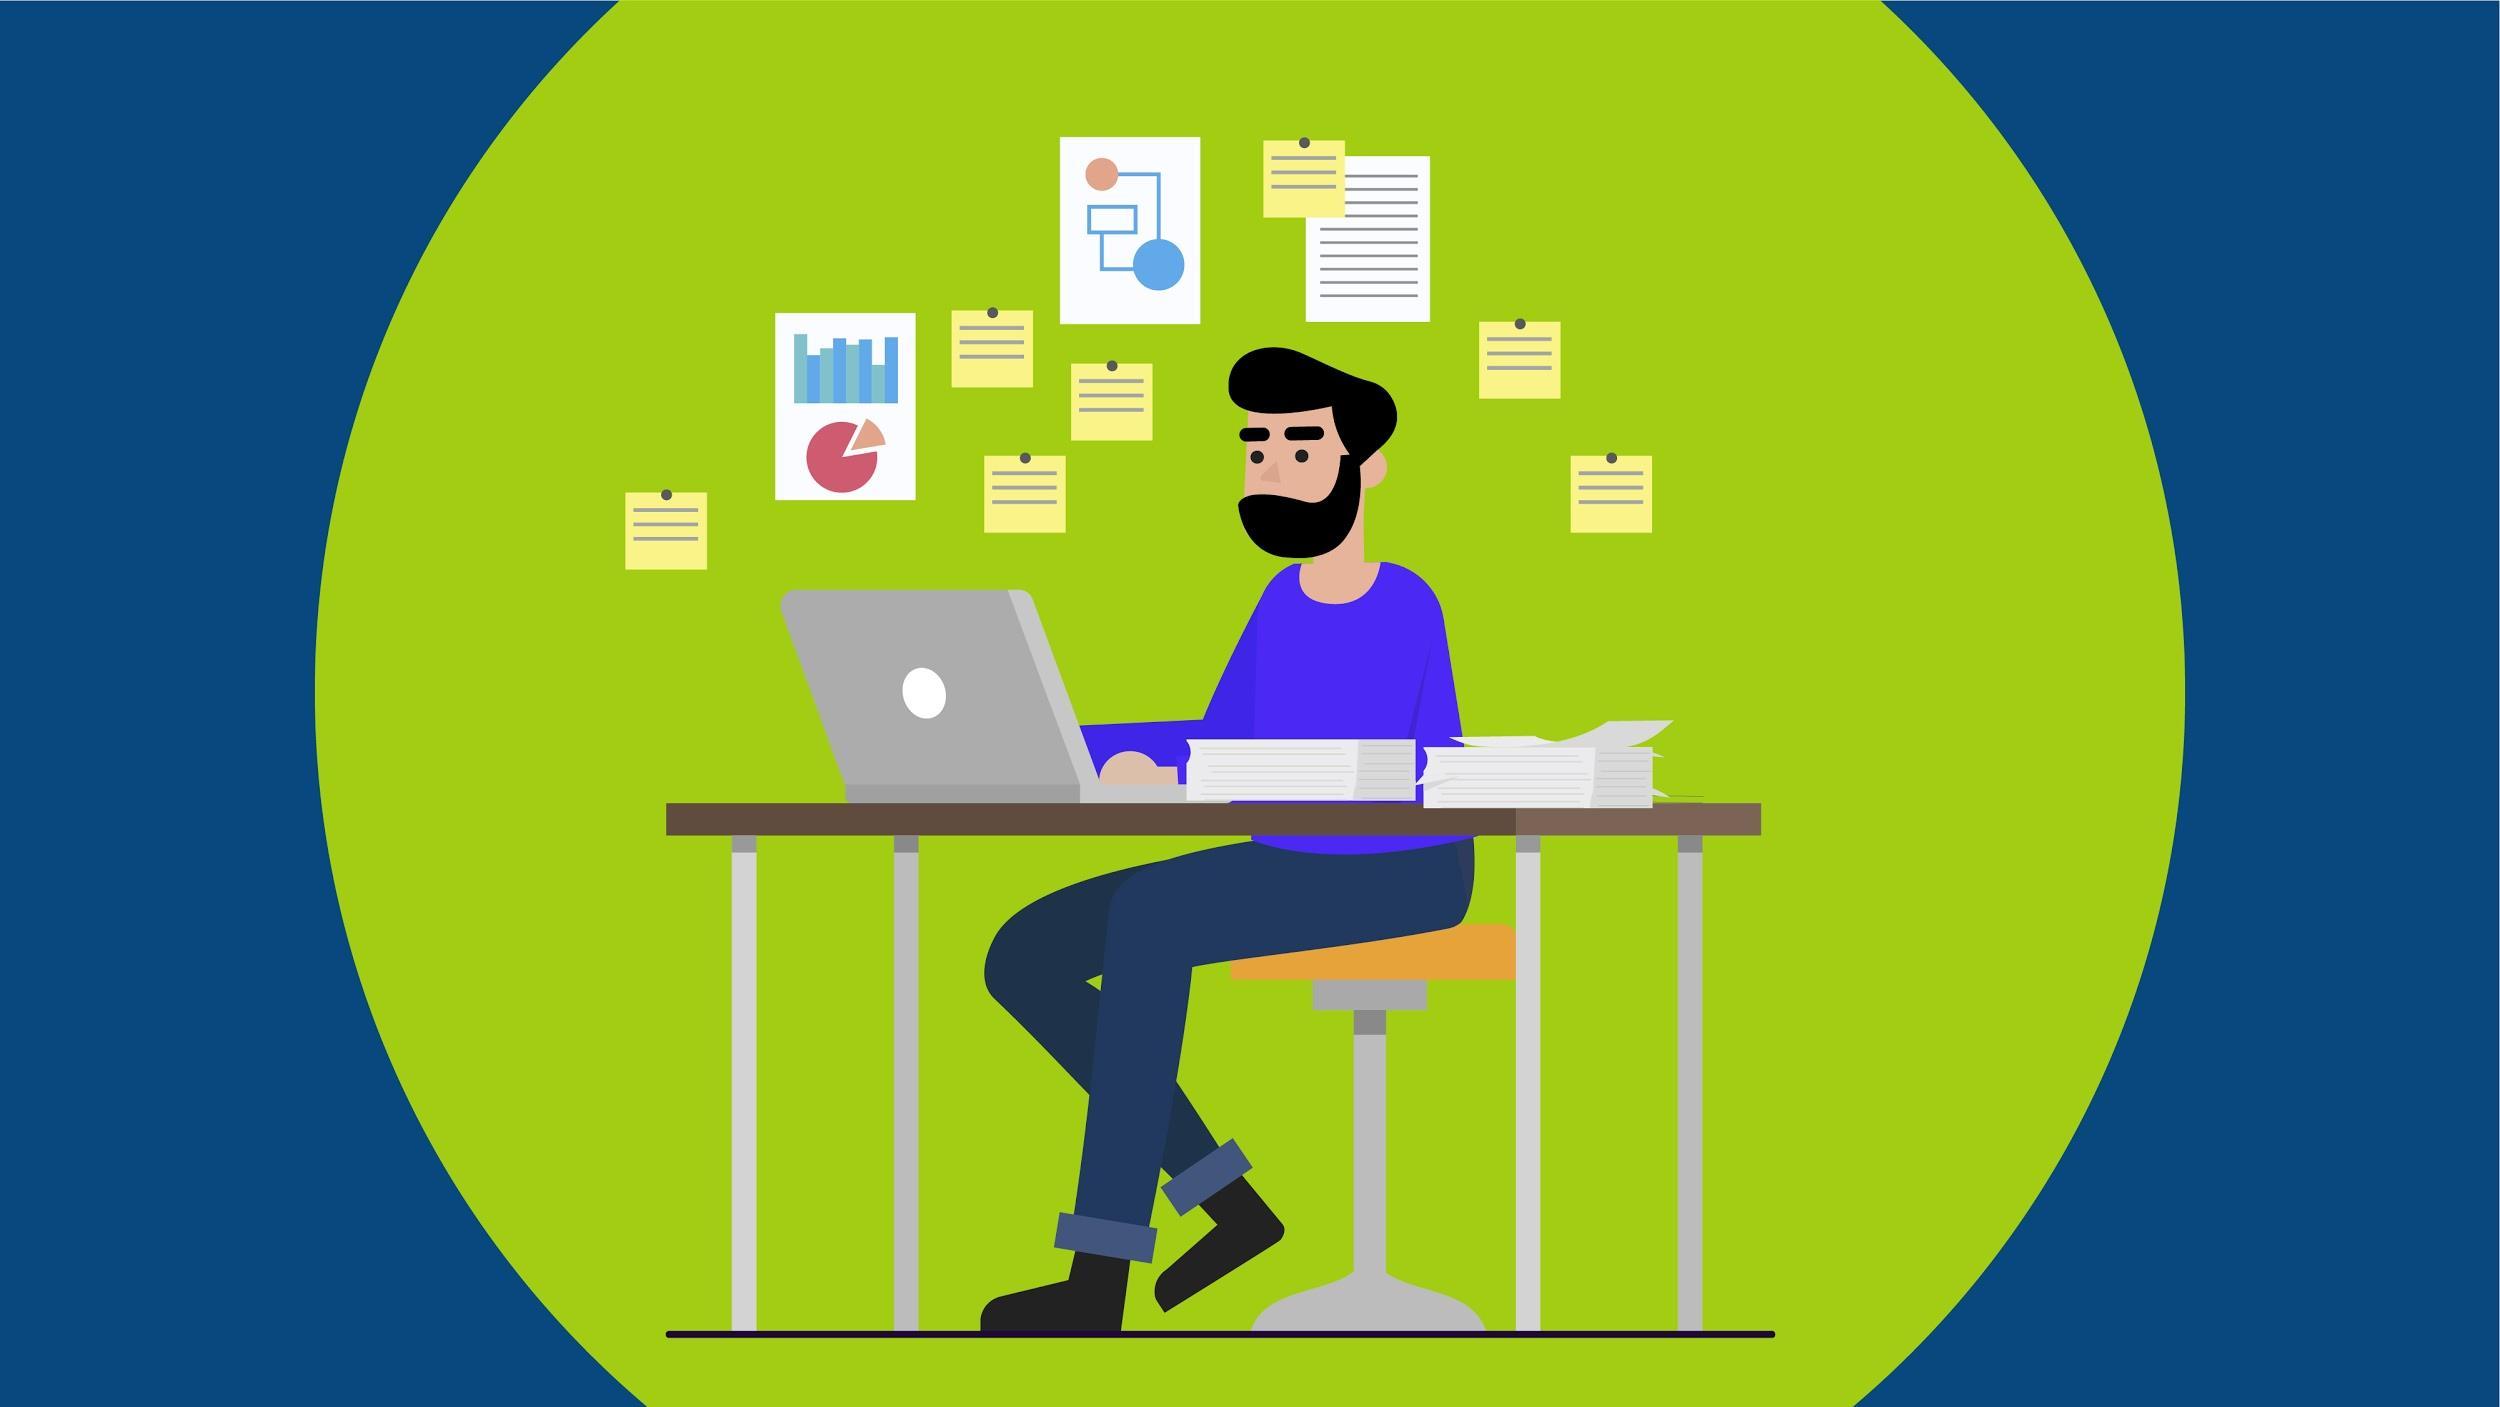 Управление знаниями: какие документы нужны и что в них фиксировать - 1